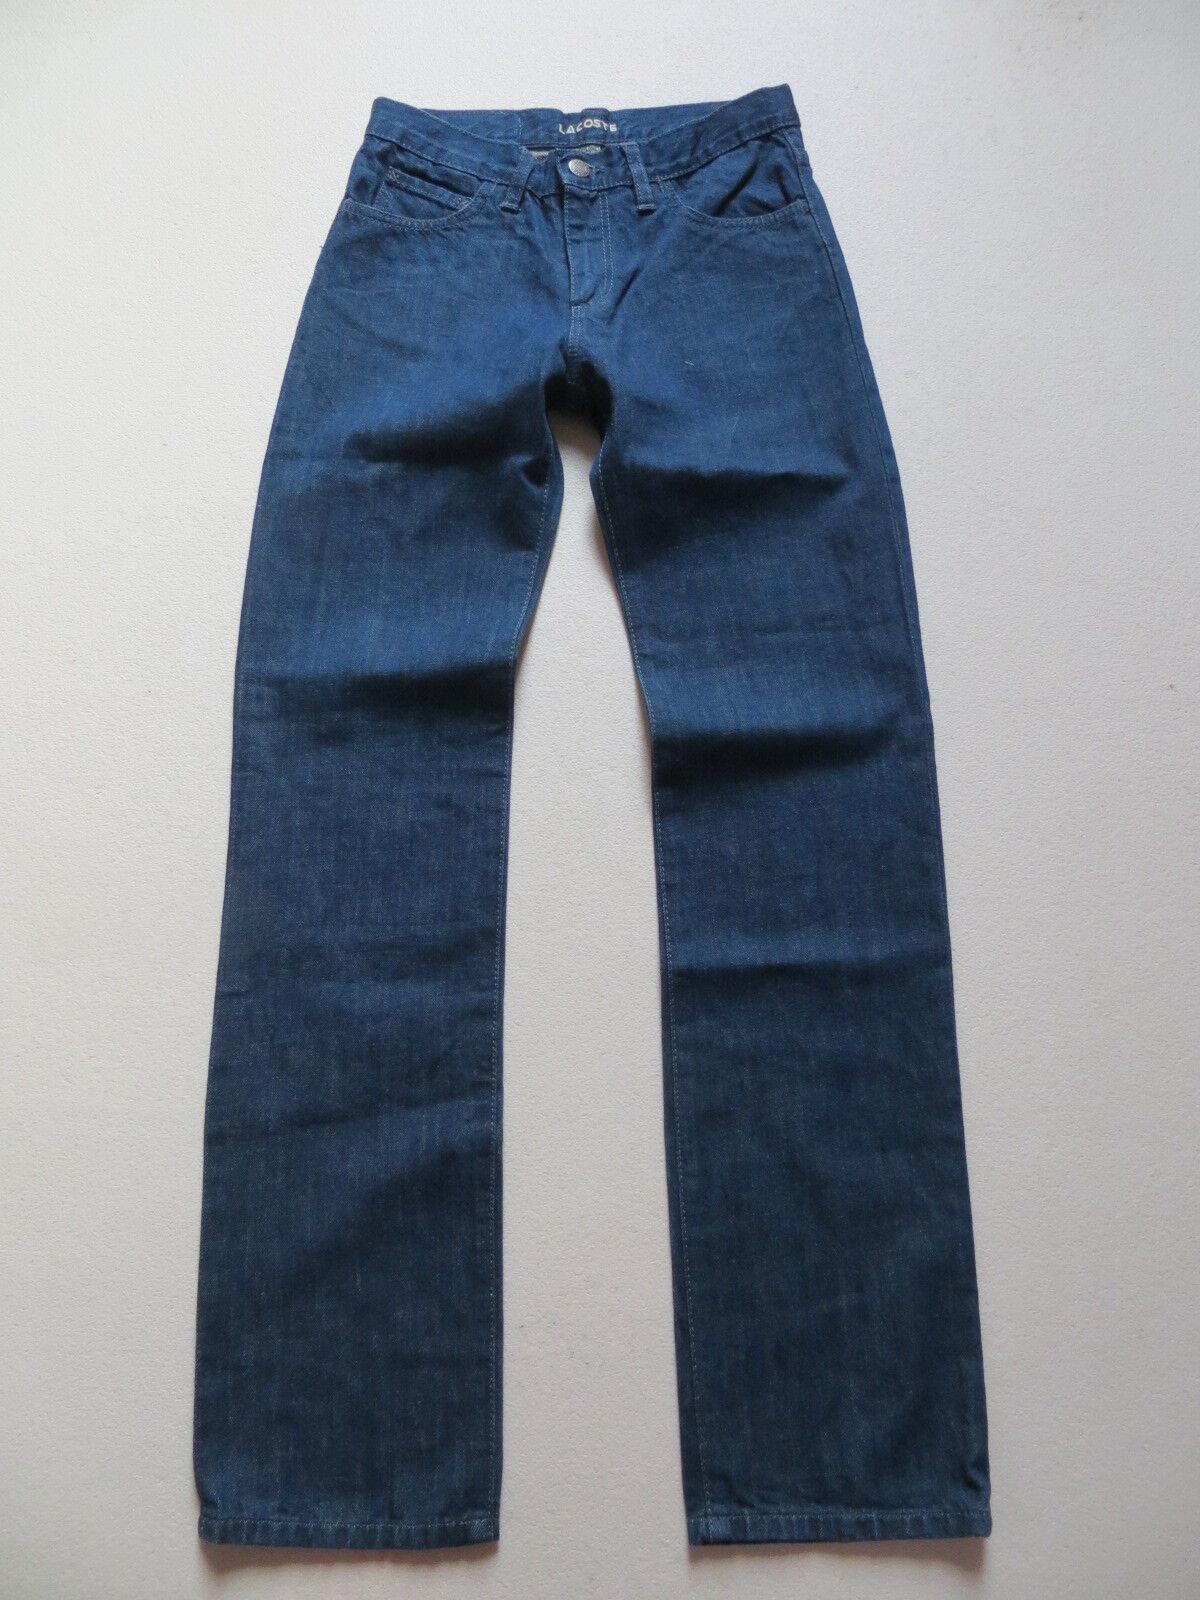 Lacoste Jeans Hose W 26  L 32 wie NEU   klassisch gerade Indigo Denim RAR